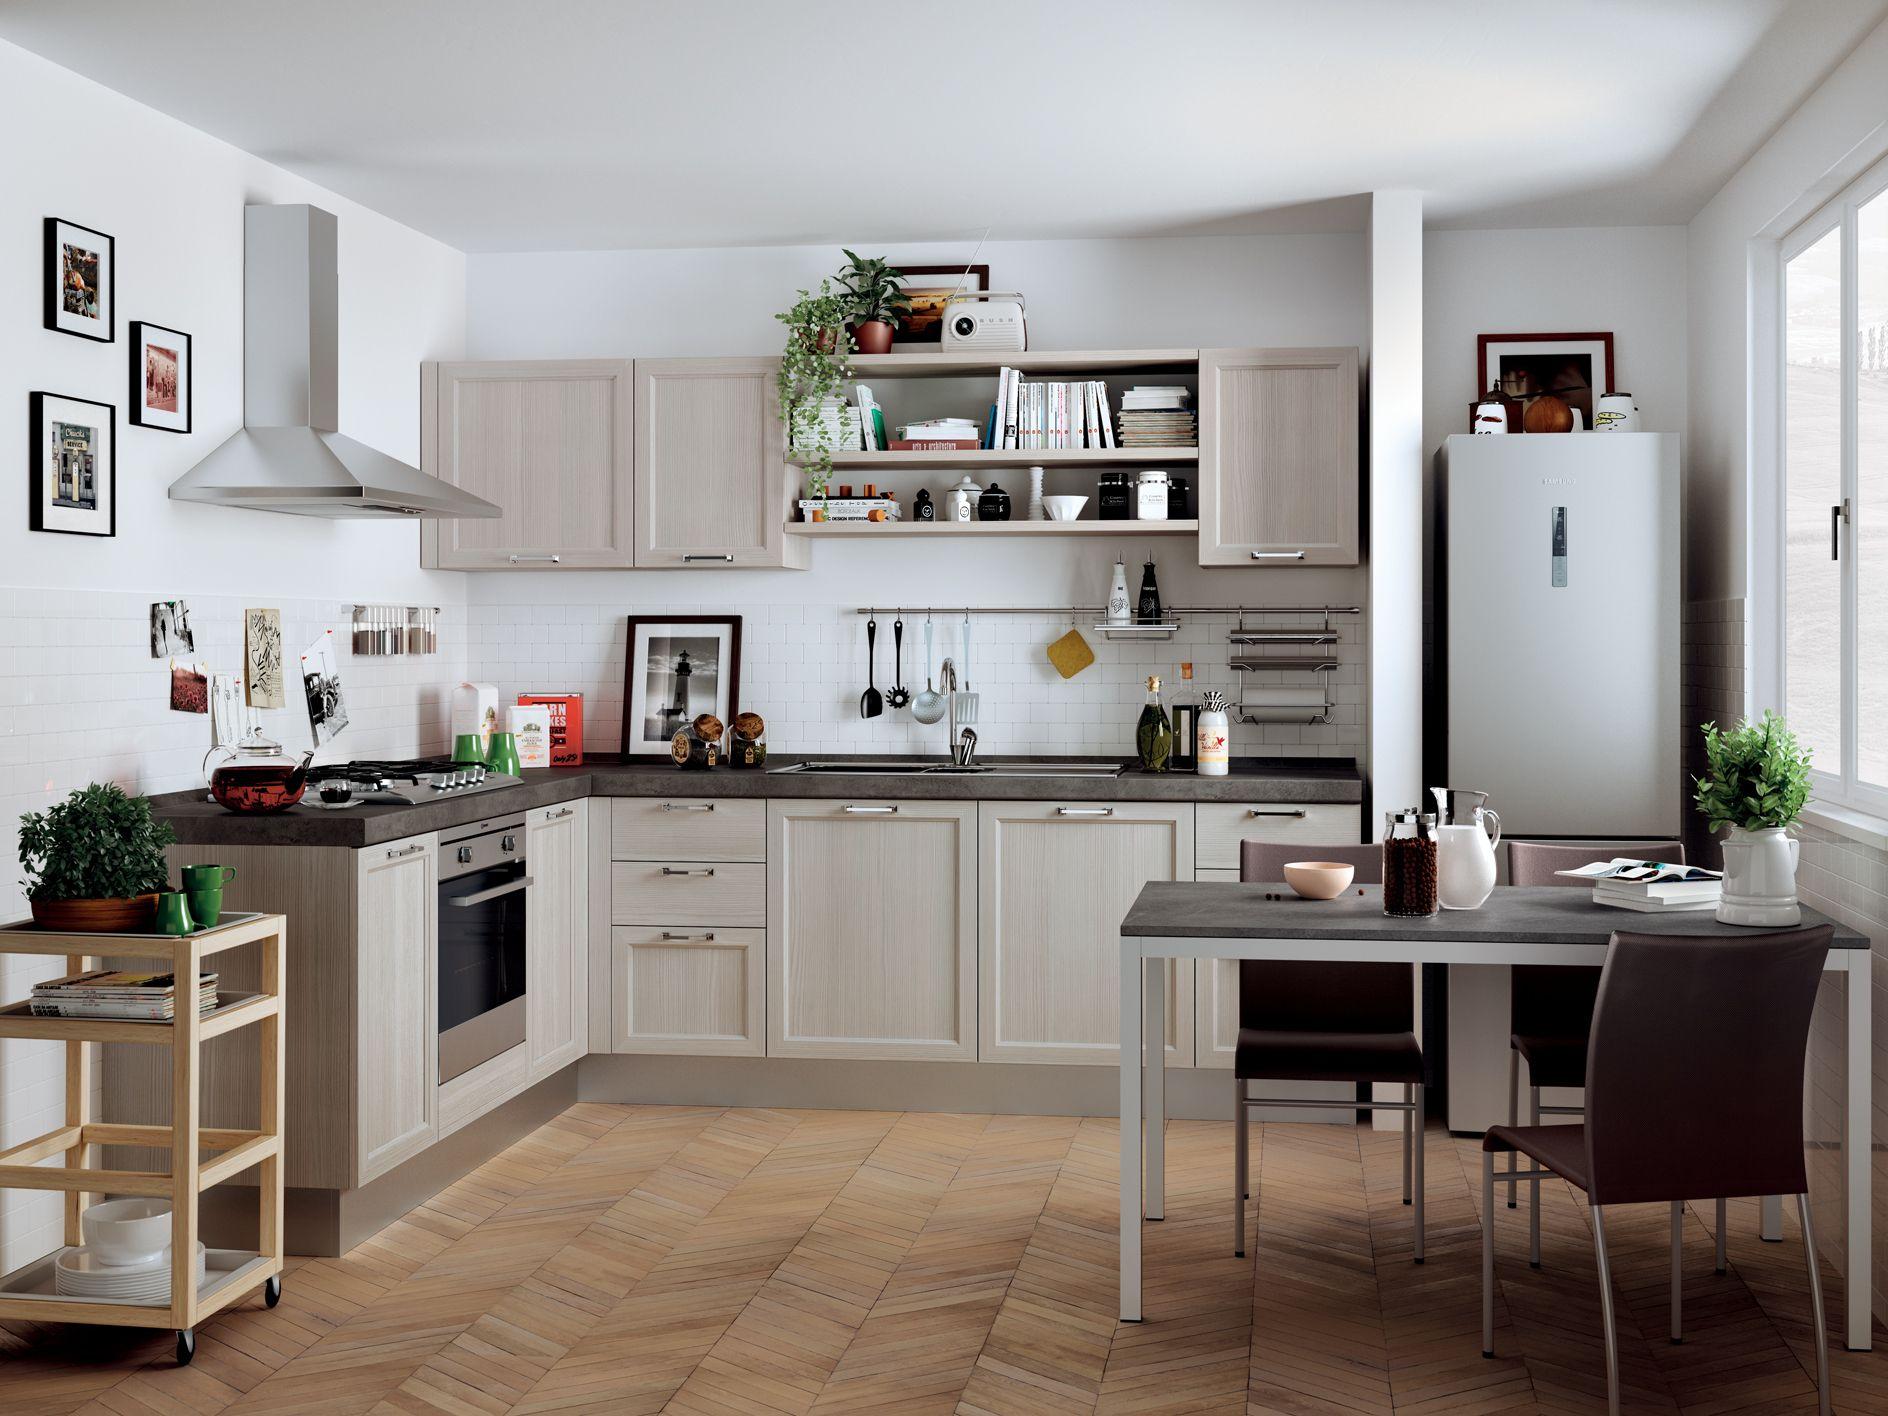 Элитная мебель для кухни из италии коллекции highland фабрик.